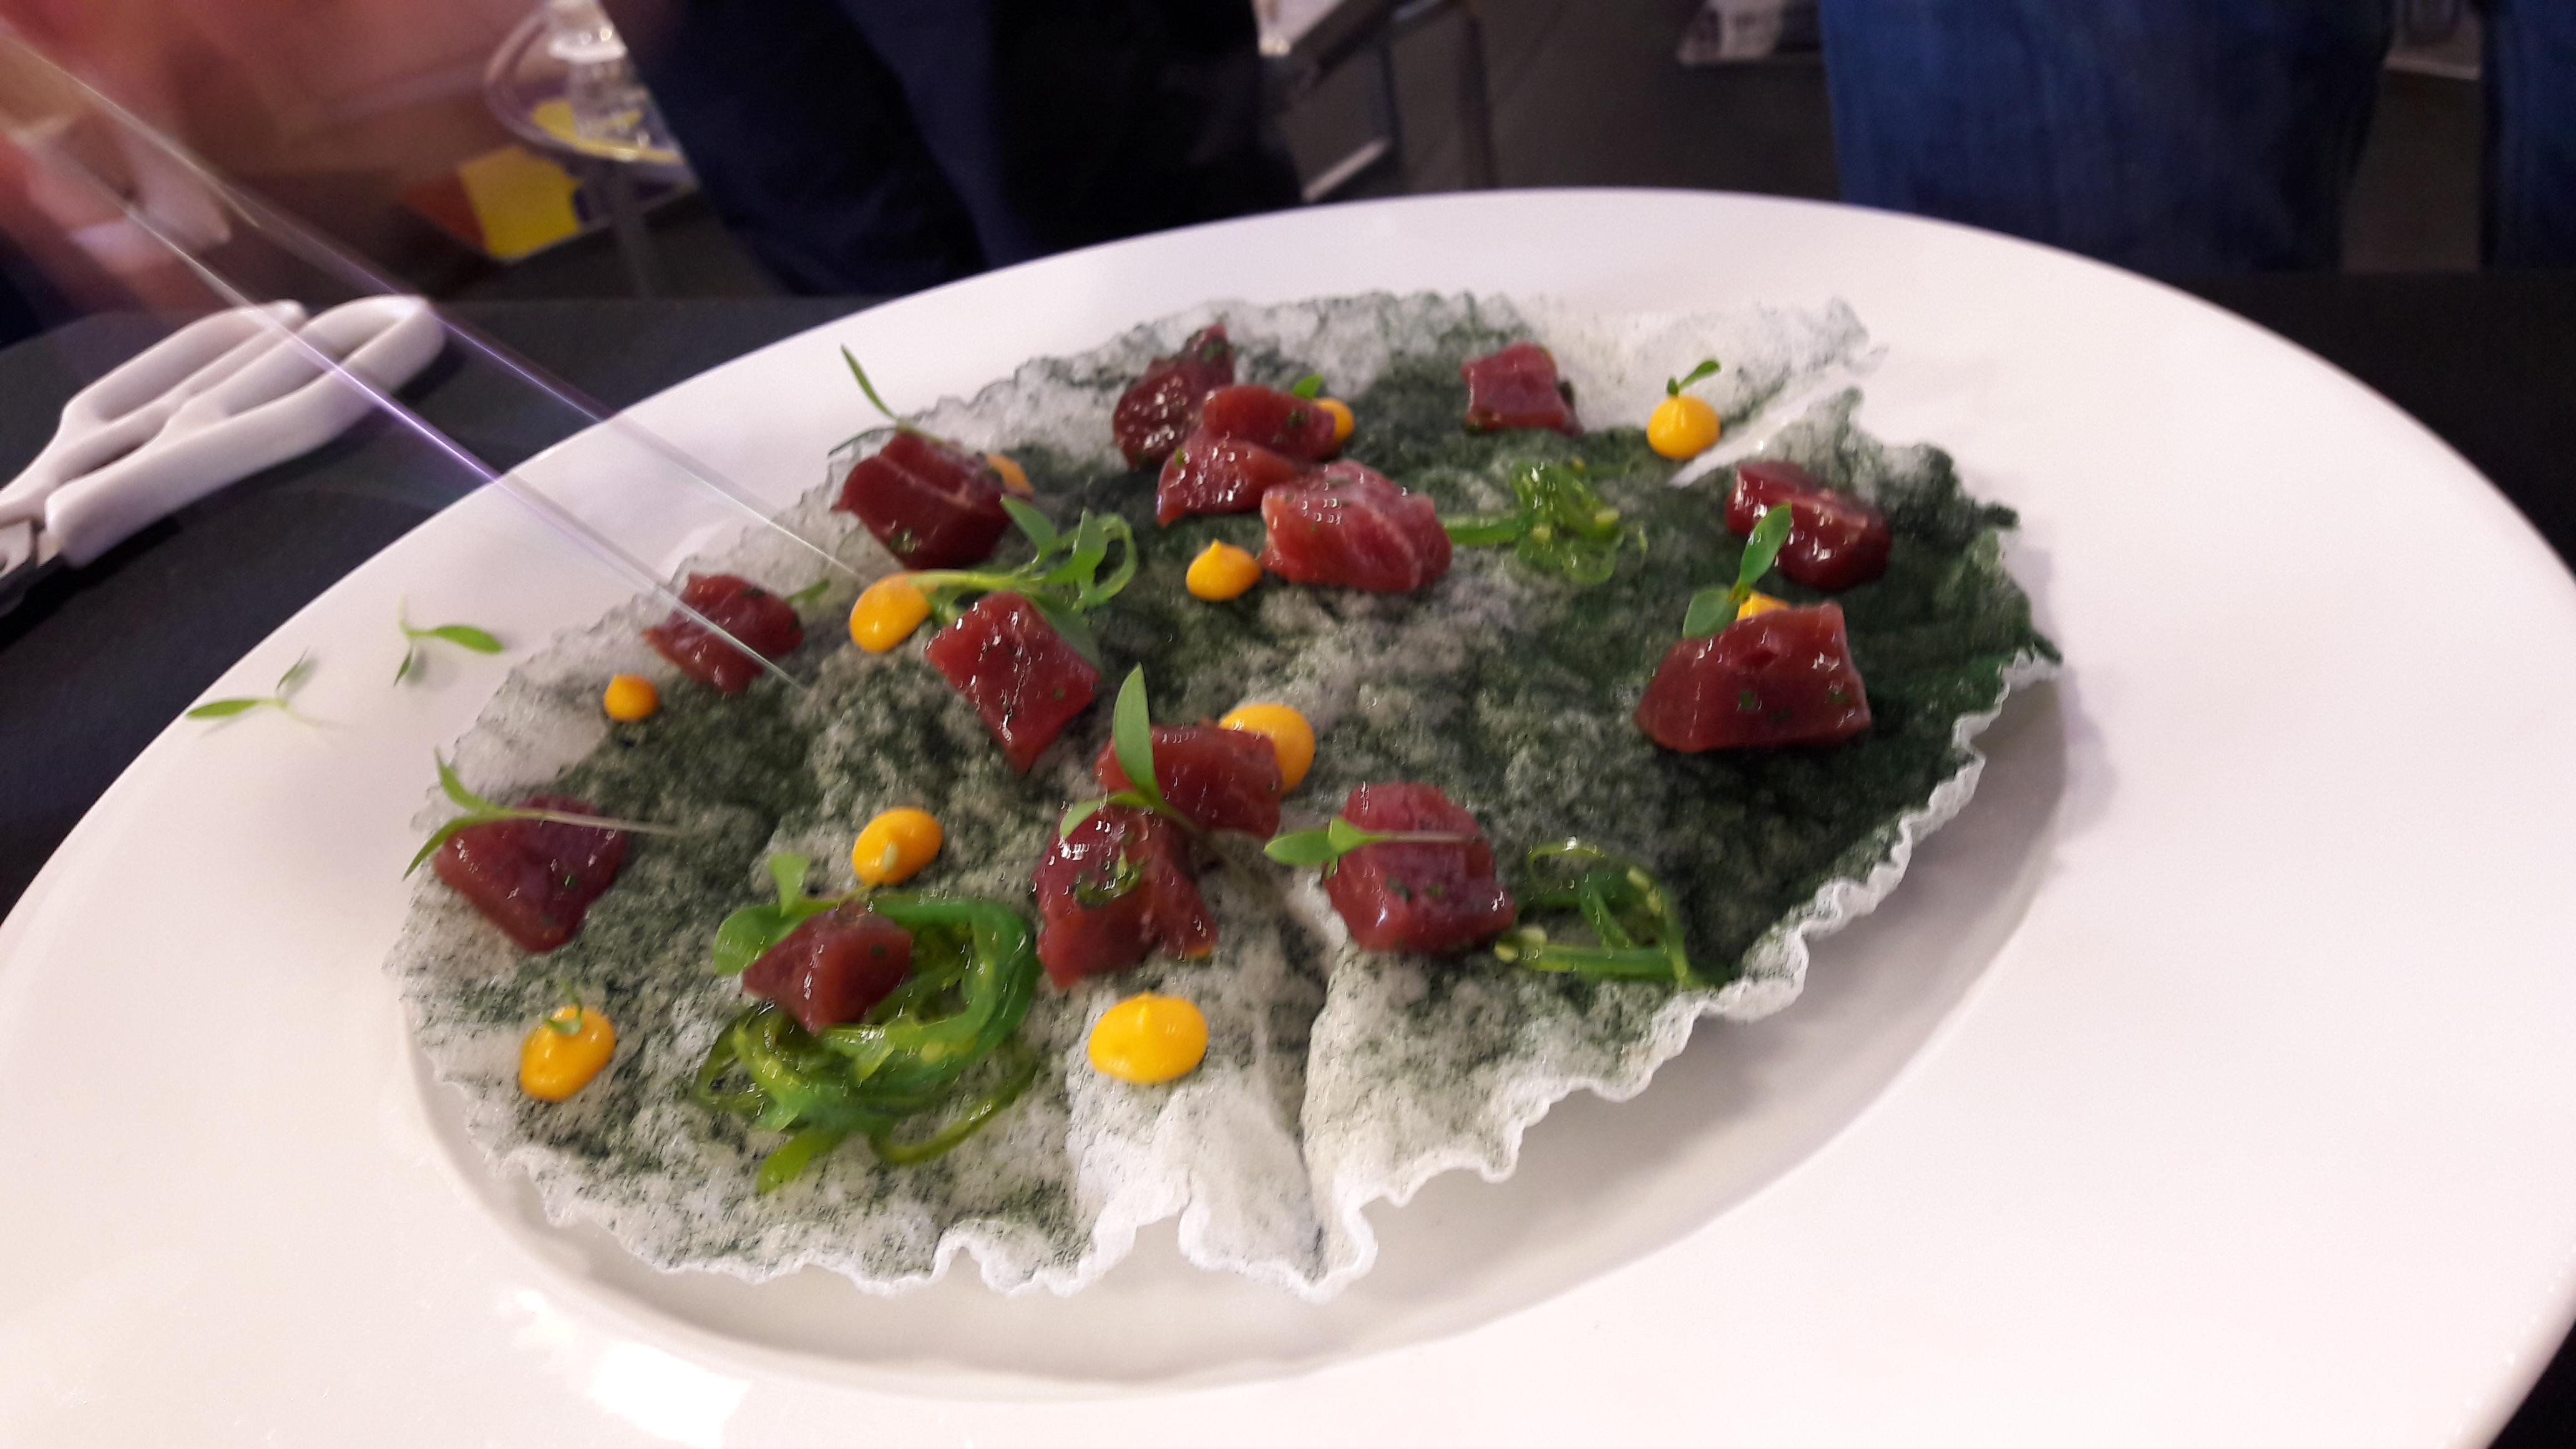 Plato con alga